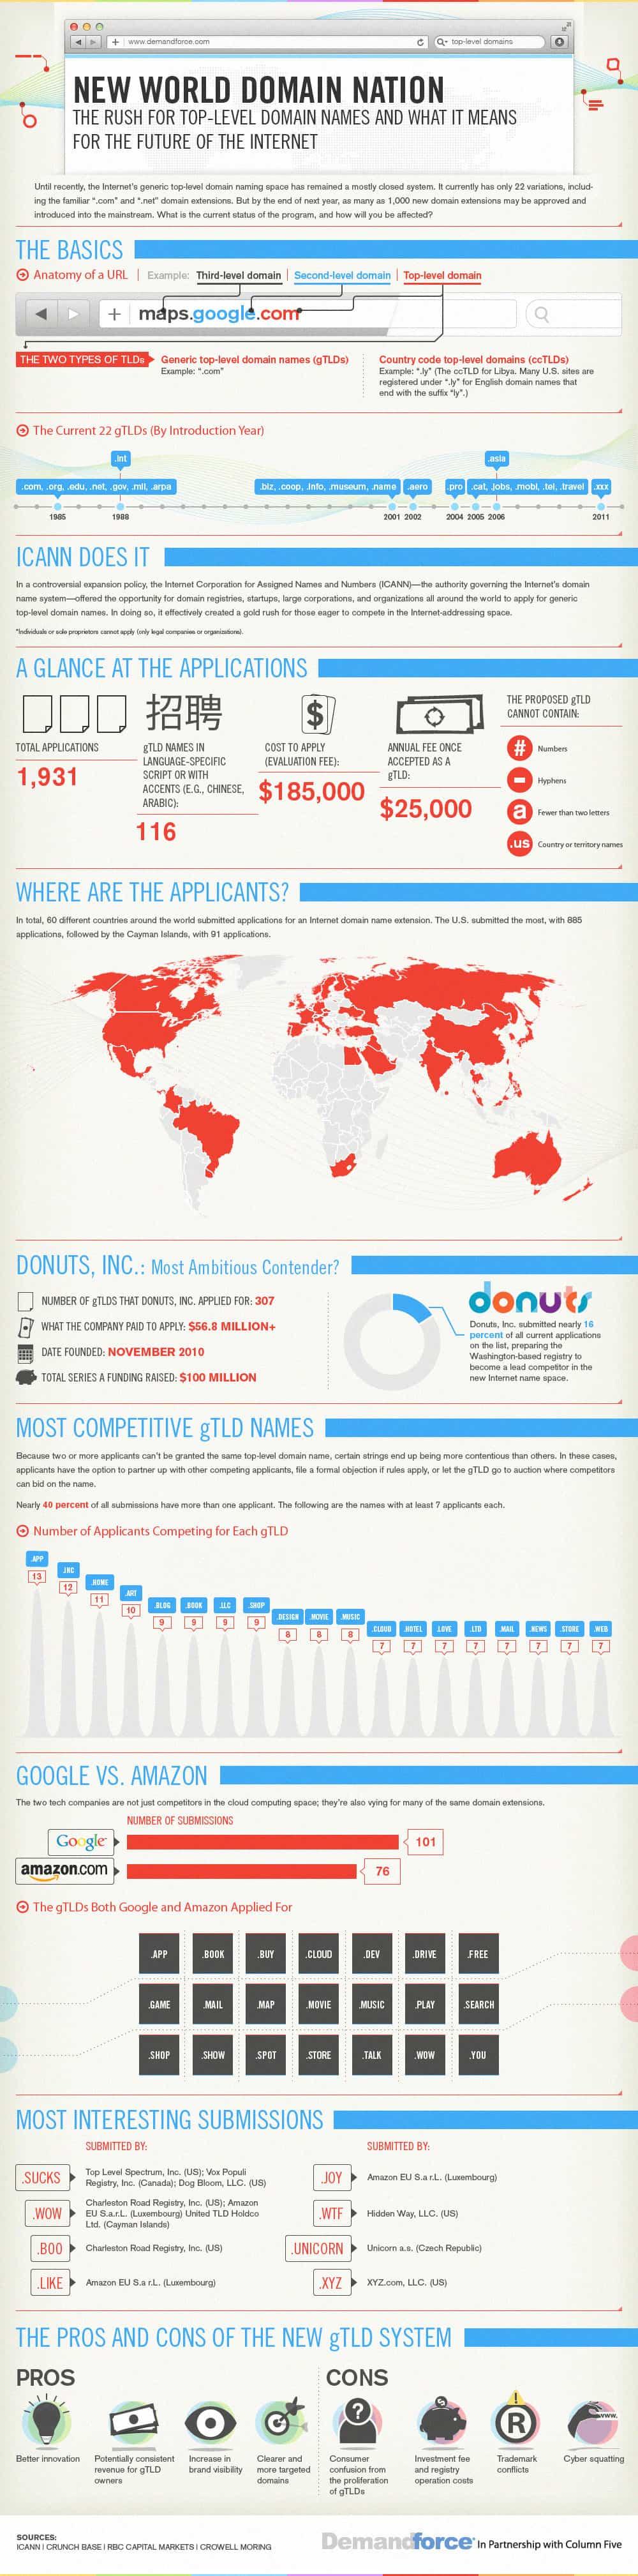 nuevos dominios en internet